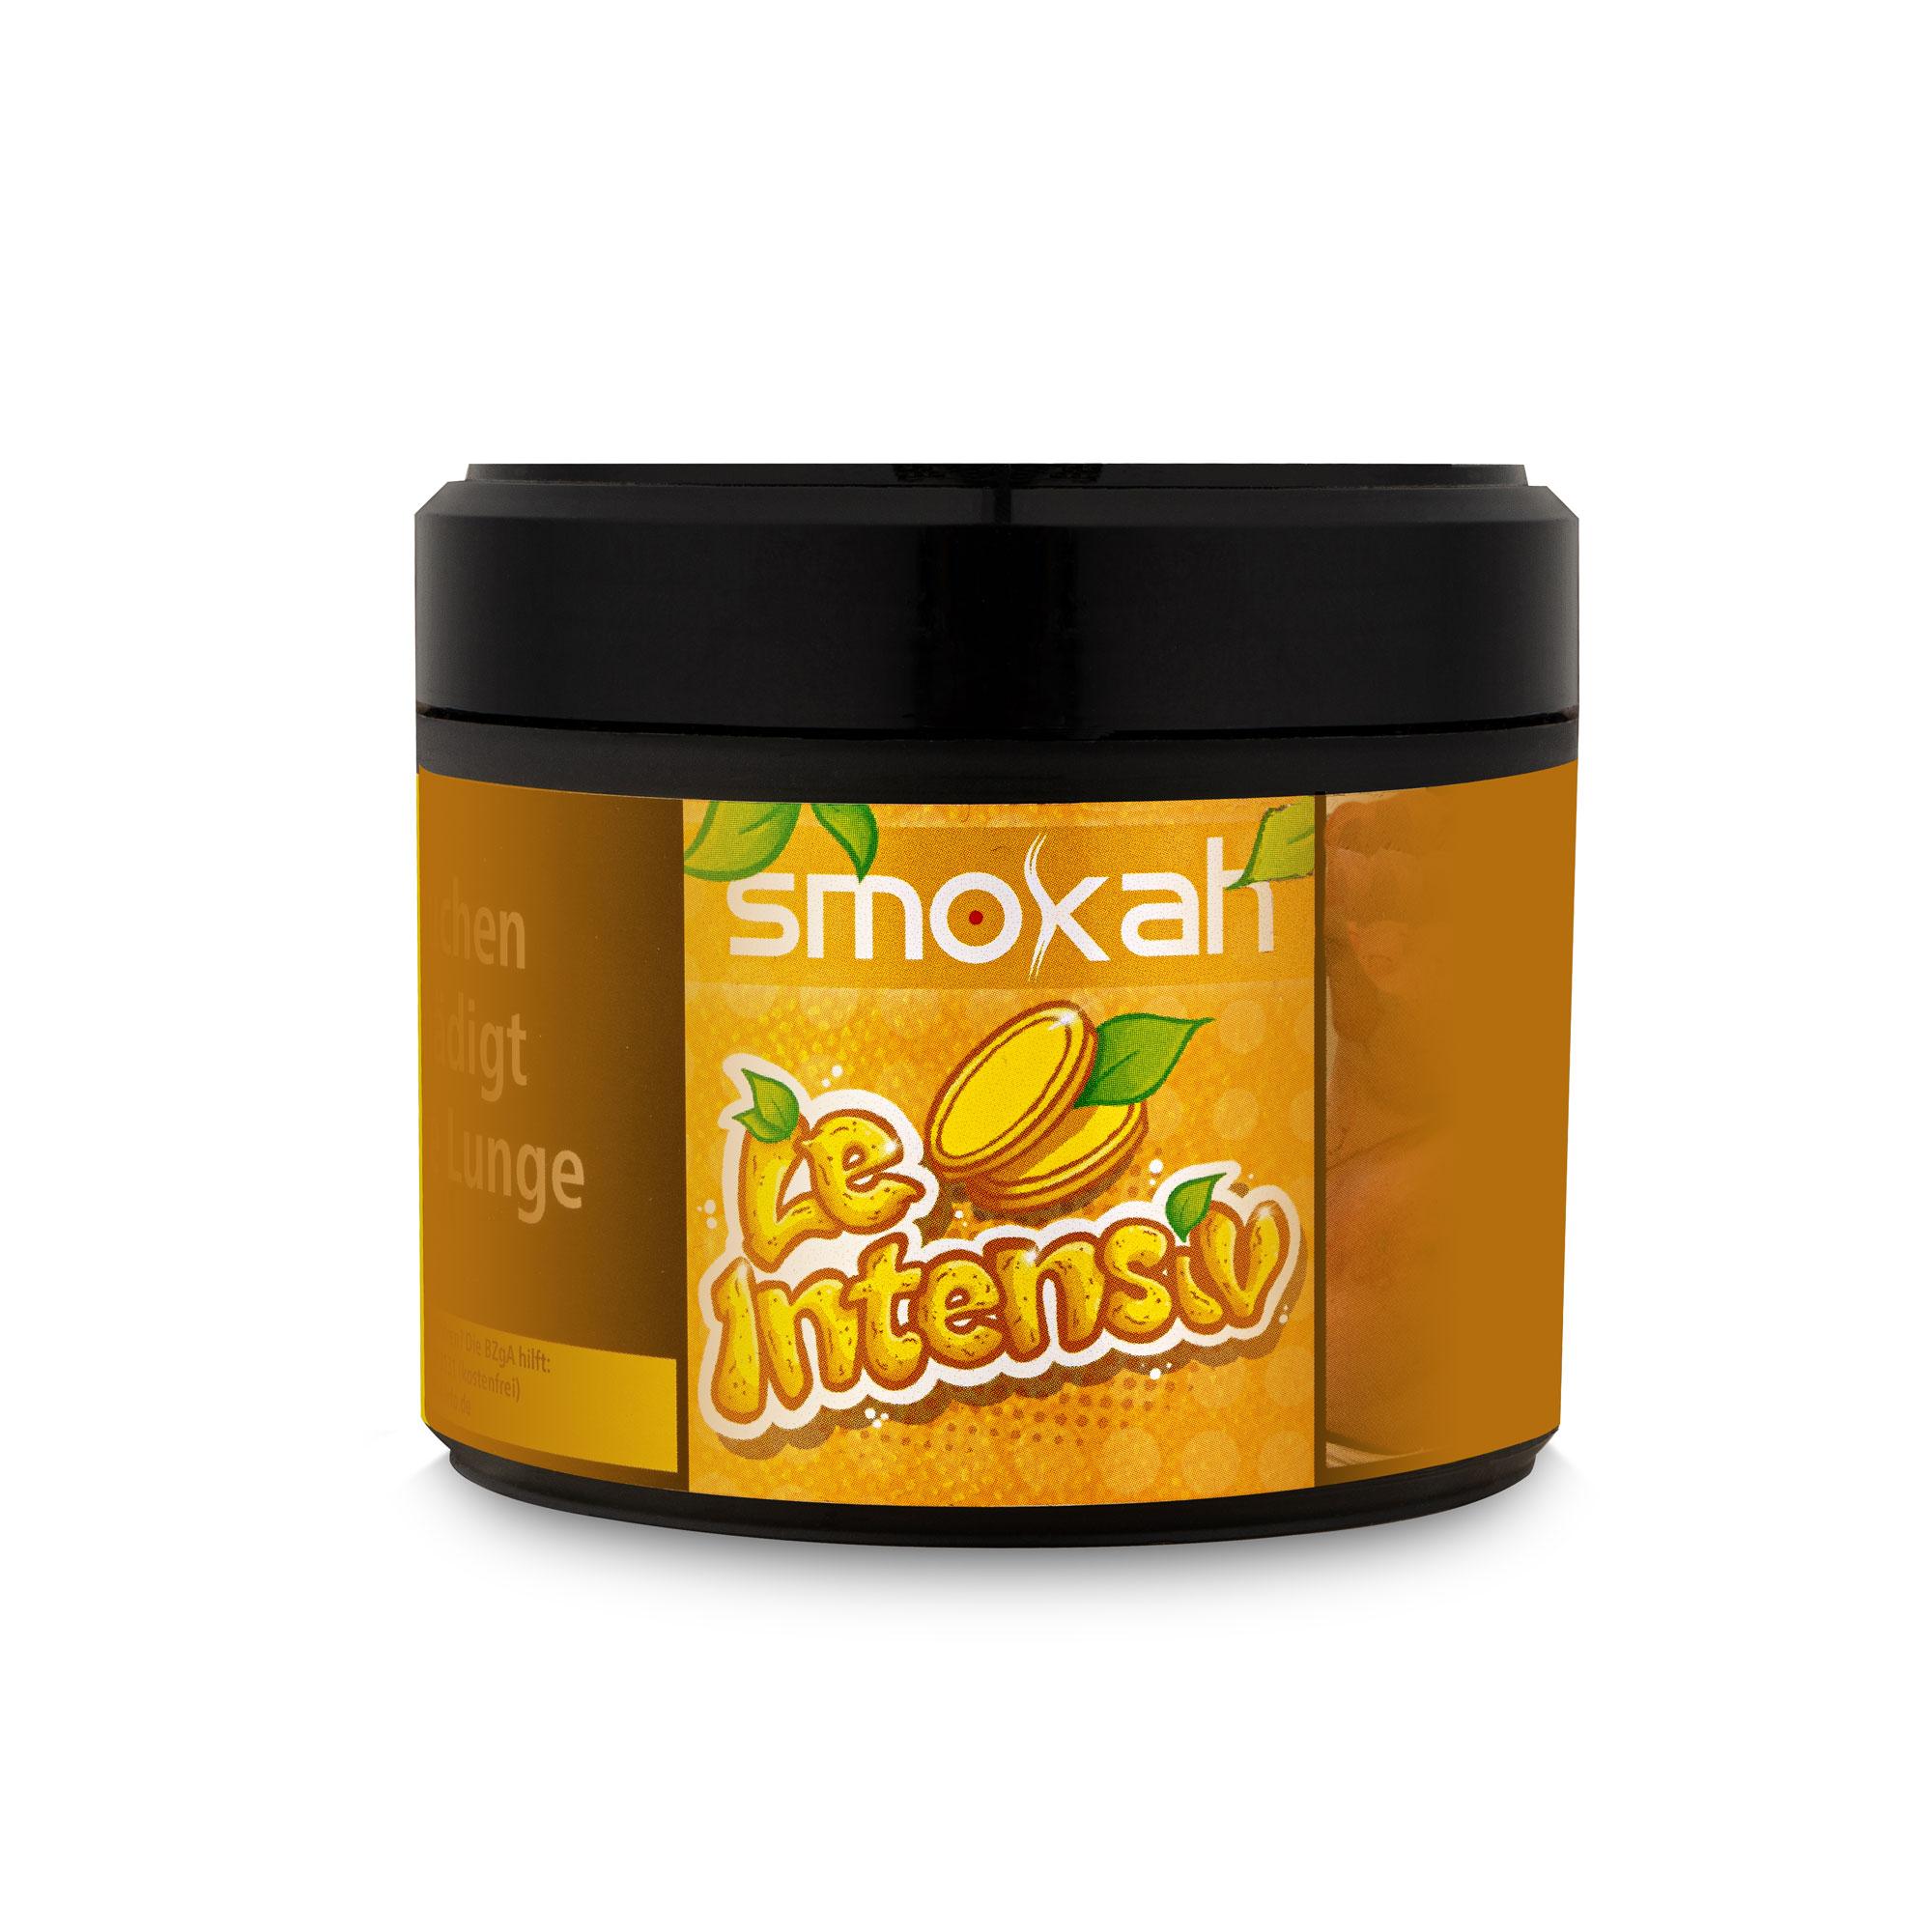 Smokah Tobacco 200g - Le Intensiv